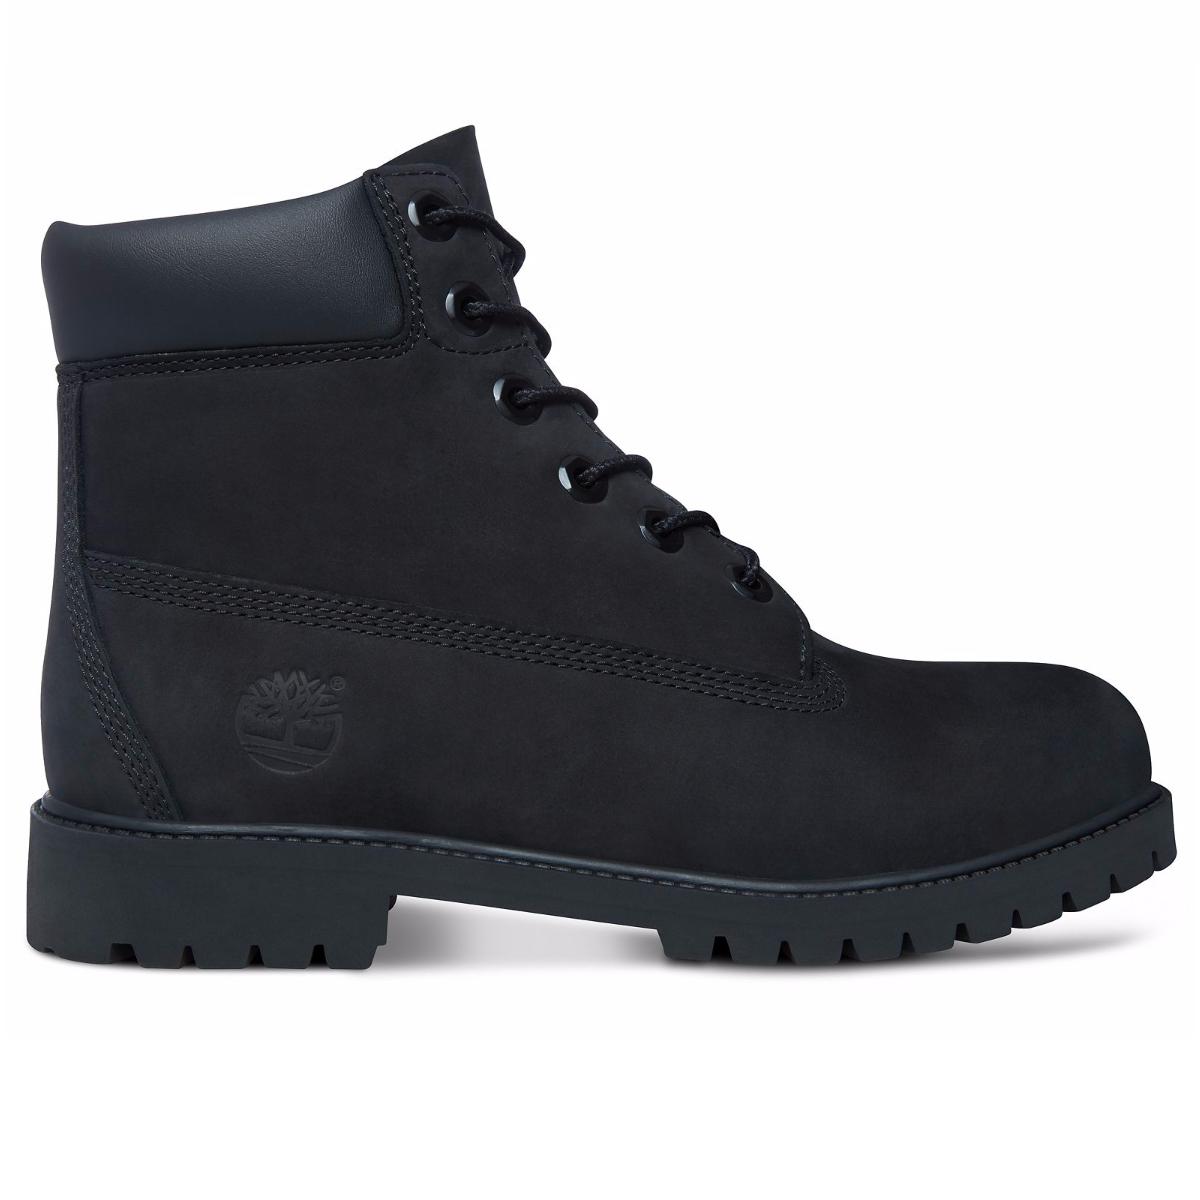 Timberland 6in Premium Junior Classic Boot